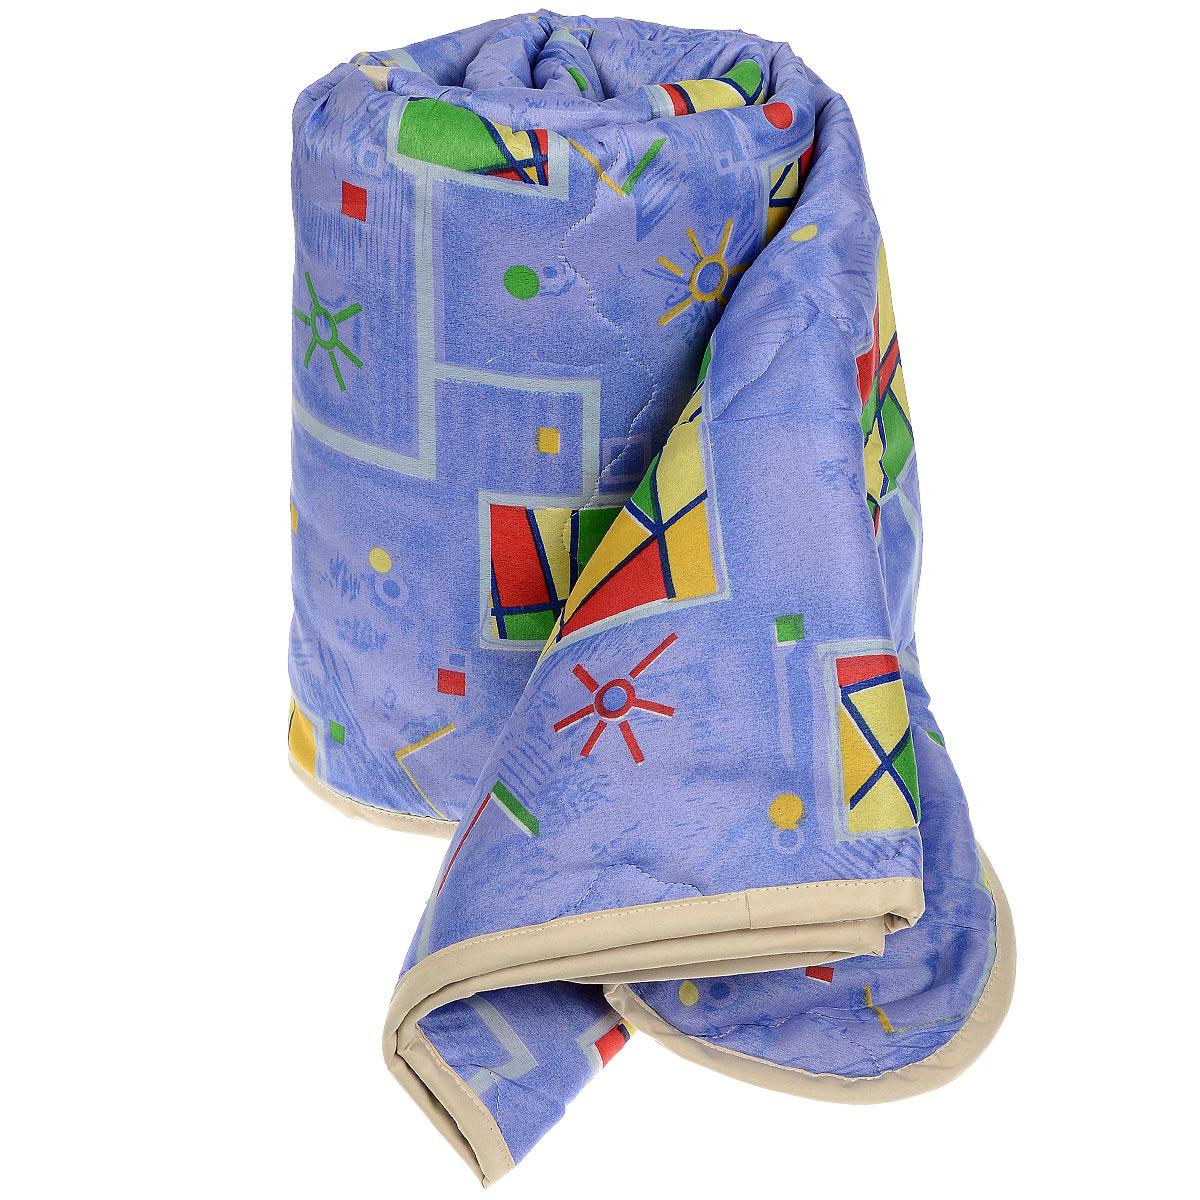 Одеяло всесезонное OL-Tex Геометрия, наполнитель: полиэфирное волокно Holfiteks, 140 см х 205 смМХПЭ-15-3_синий, геометрияВсесезонное одеяло OL-Tex Геометрия создаст комфорт и уют во время сна. Стеганый чехол выполнен из полиэстера и оформлен красочным рисунком. Внутри - современный наполнитель из полиэфирного высокосиликонизированного волокна Holfiteks, упругий и качественный. Холфитекс - современный экологически чистый синтетический материал, изготовленный по новейшим технологиям. Его уникальность заключается в расположении волокон, которые позволяют моментально восстанавливать форму и сохранять ее долгое время. Изделия с использованием Холфитекса очень удобны в эксплуатации - их можно часто стирать без потери потребительских свойств, они быстро высыхают, не впитывают запахов и совершенно гиппоаллергенны. Холфитекс также обеспечивает хорошую терморегуляцию, поэтому изделия с наполнителем из холфитекса очень комфортны в использовании. Одеяло с современным упругим наполнителем Холфитекс порадует вас в любое время года. Оно комфортно согревает и создает отличный микроклимат....